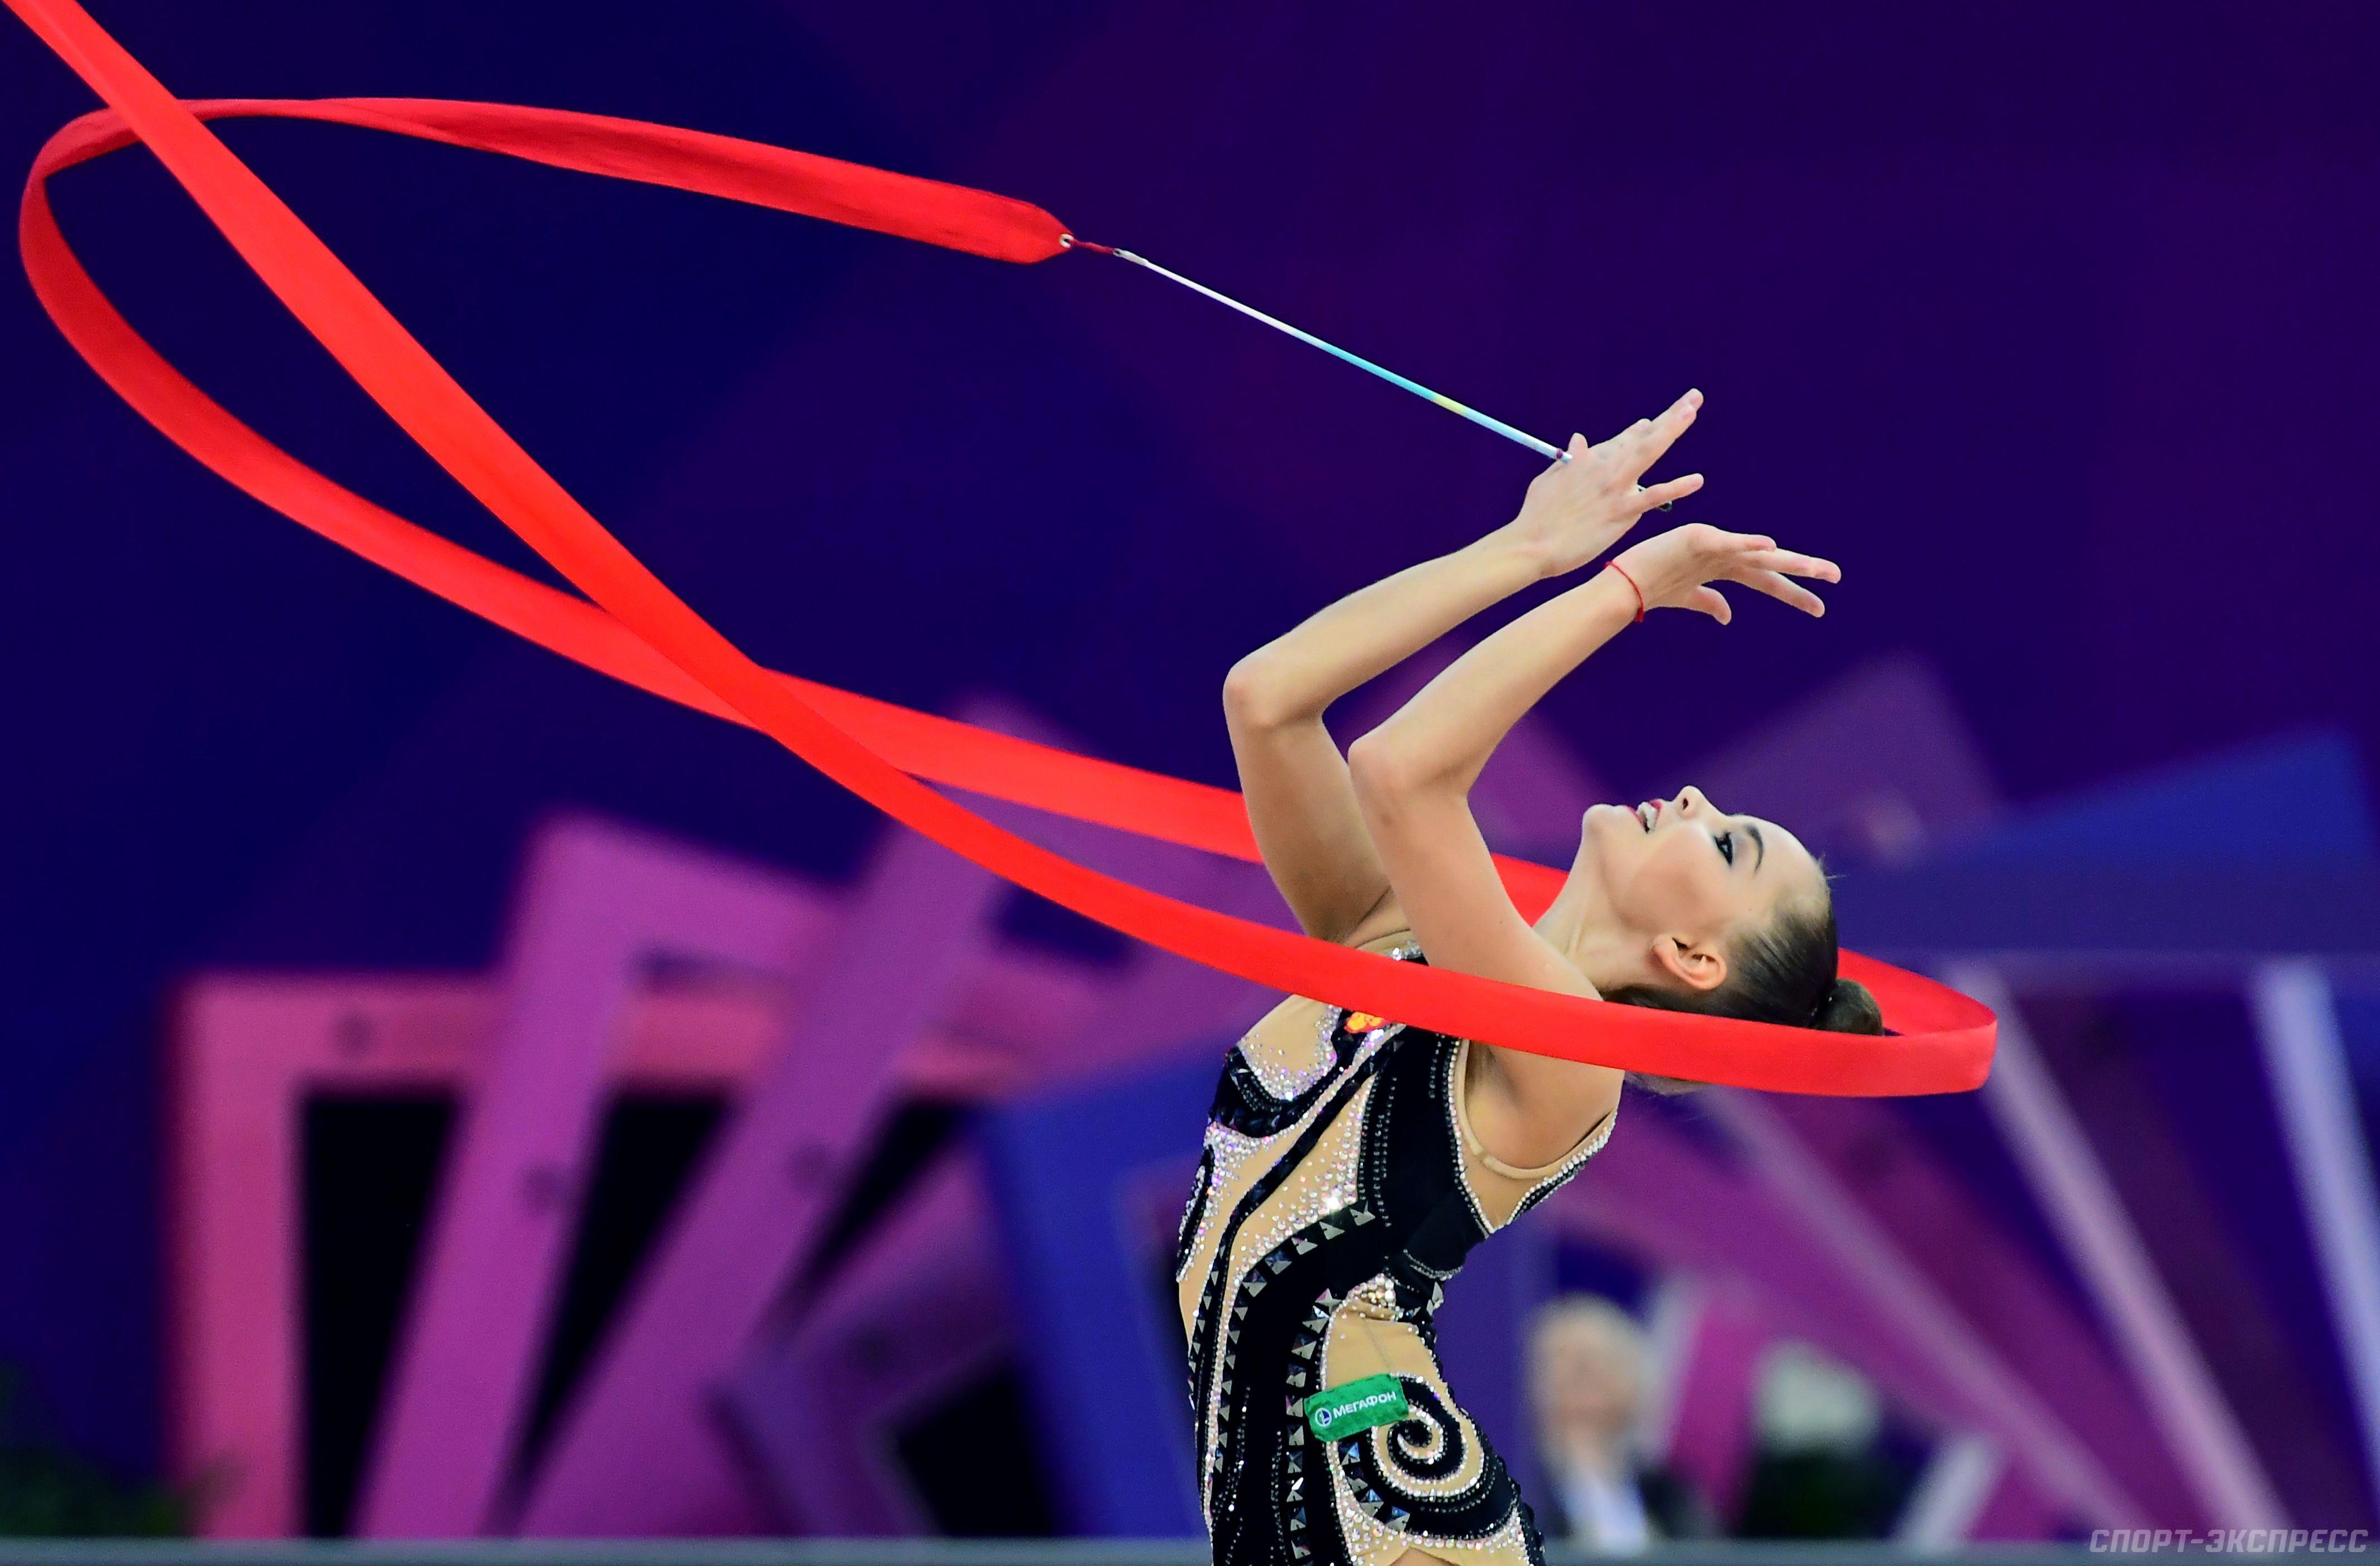 Видео как прыгают гимнасты художницы на тренировка — photo 6